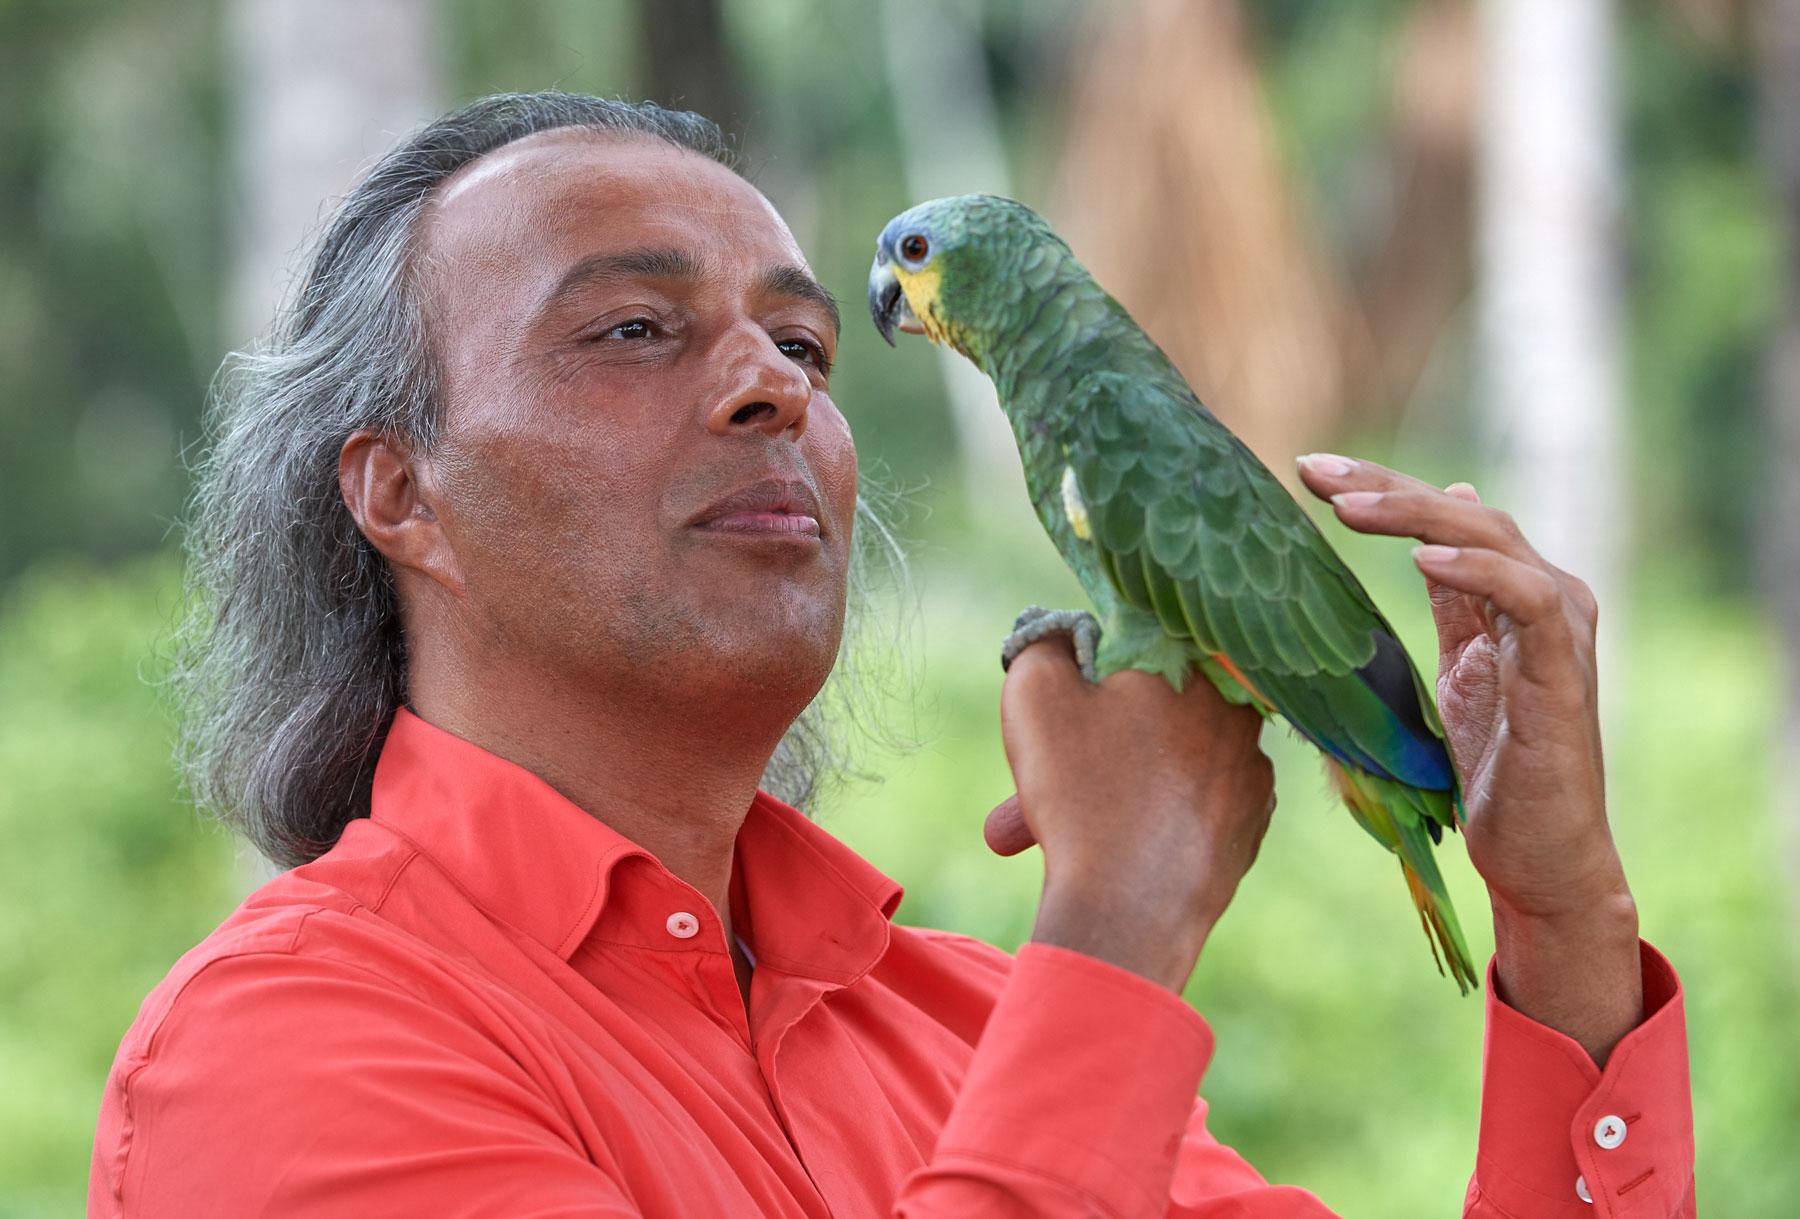 Mann in rotem Hemd kommuniziert liebevoll mit einem grünen Papagei